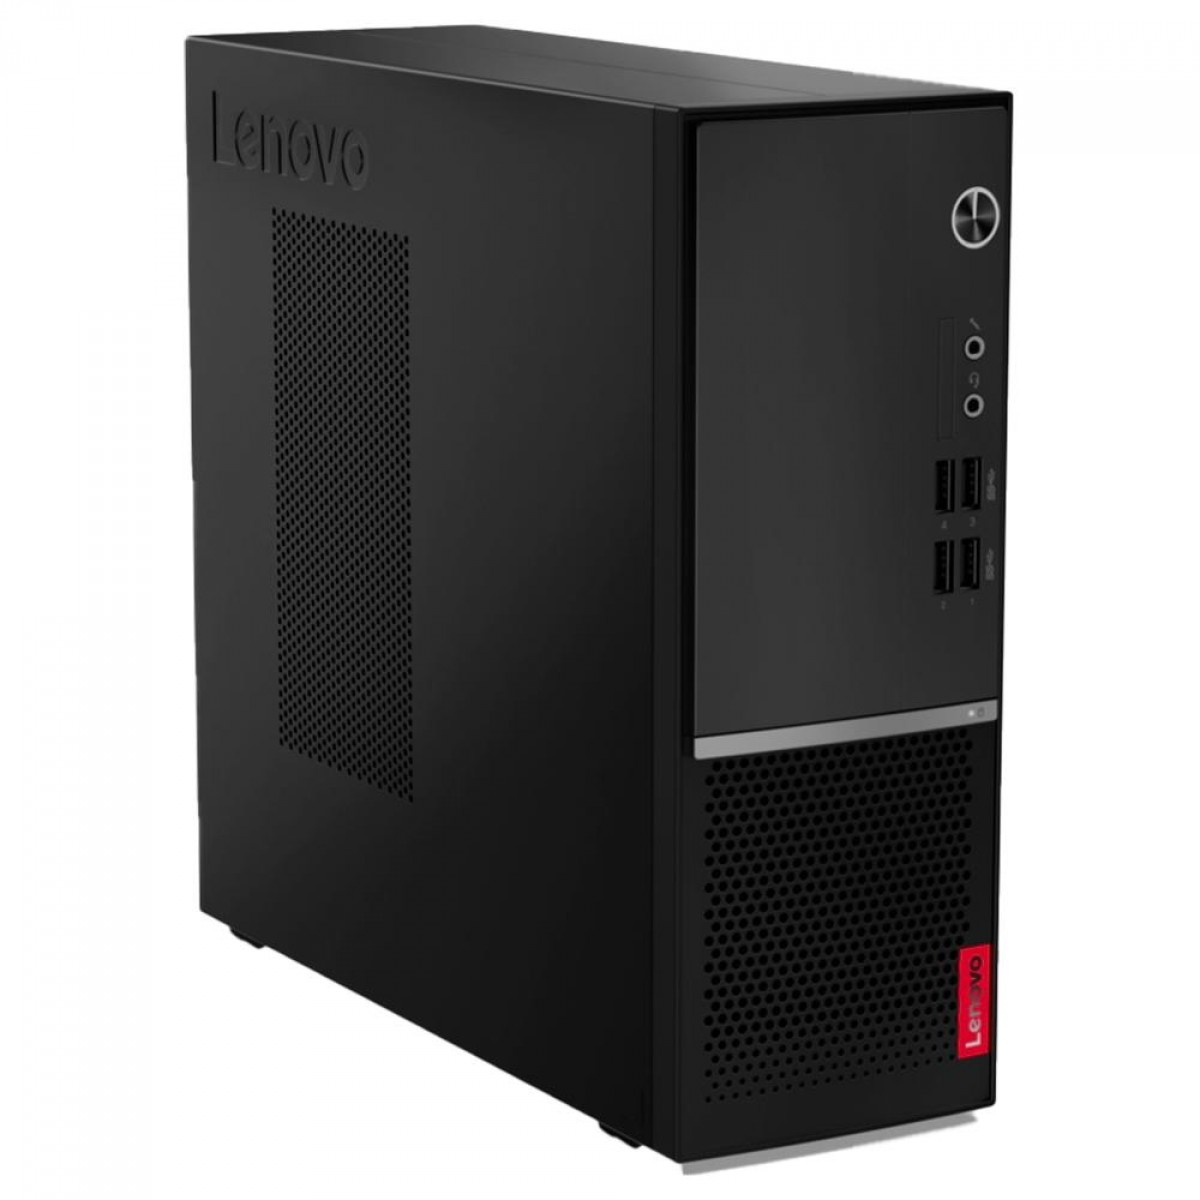 Computador Lenovo V50S T-Gamer  i5-10400 / 4GB / 1TB / Windows 10 Pro / Teclado e Mouse